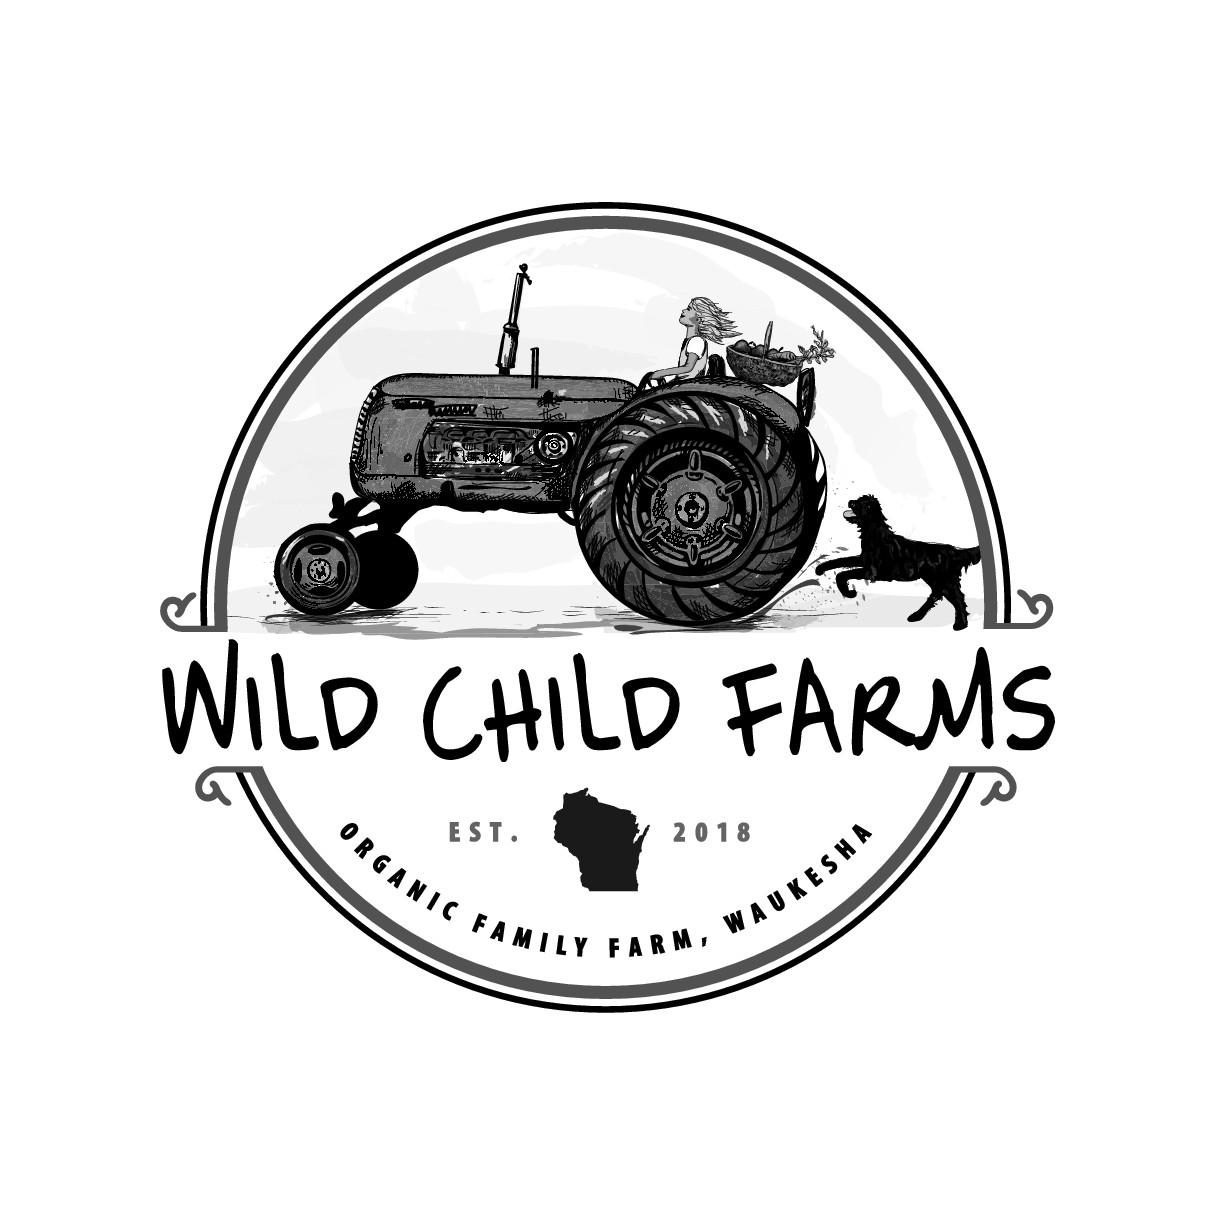 Logo for family farm